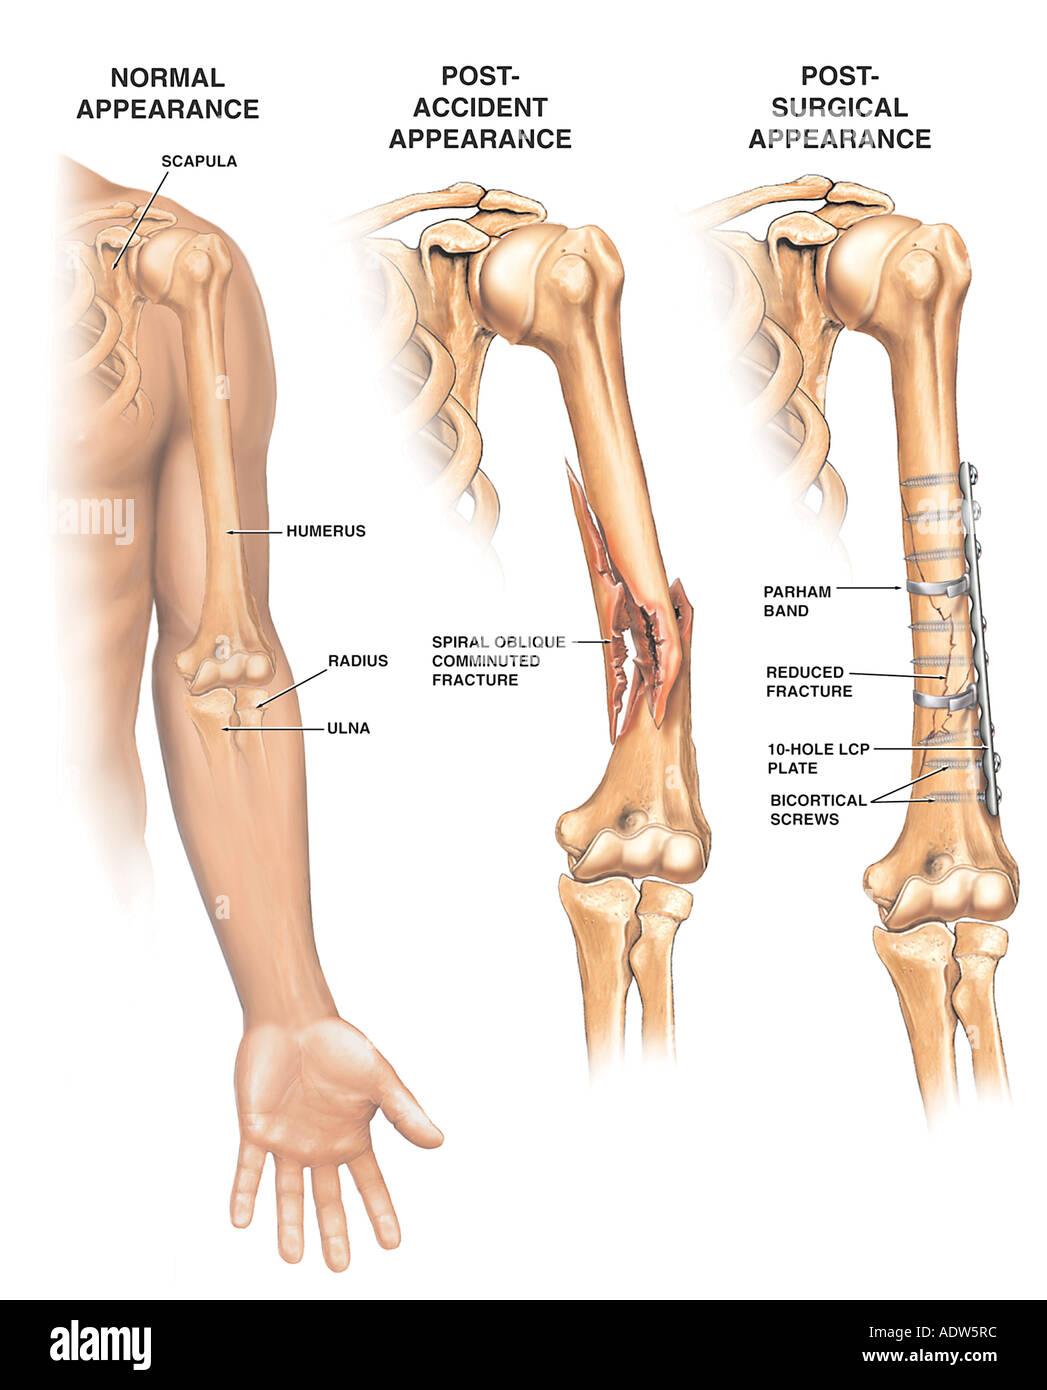 Fein Humerus Lage Galerie - Anatomie Und Physiologie Knochen Bilder ...